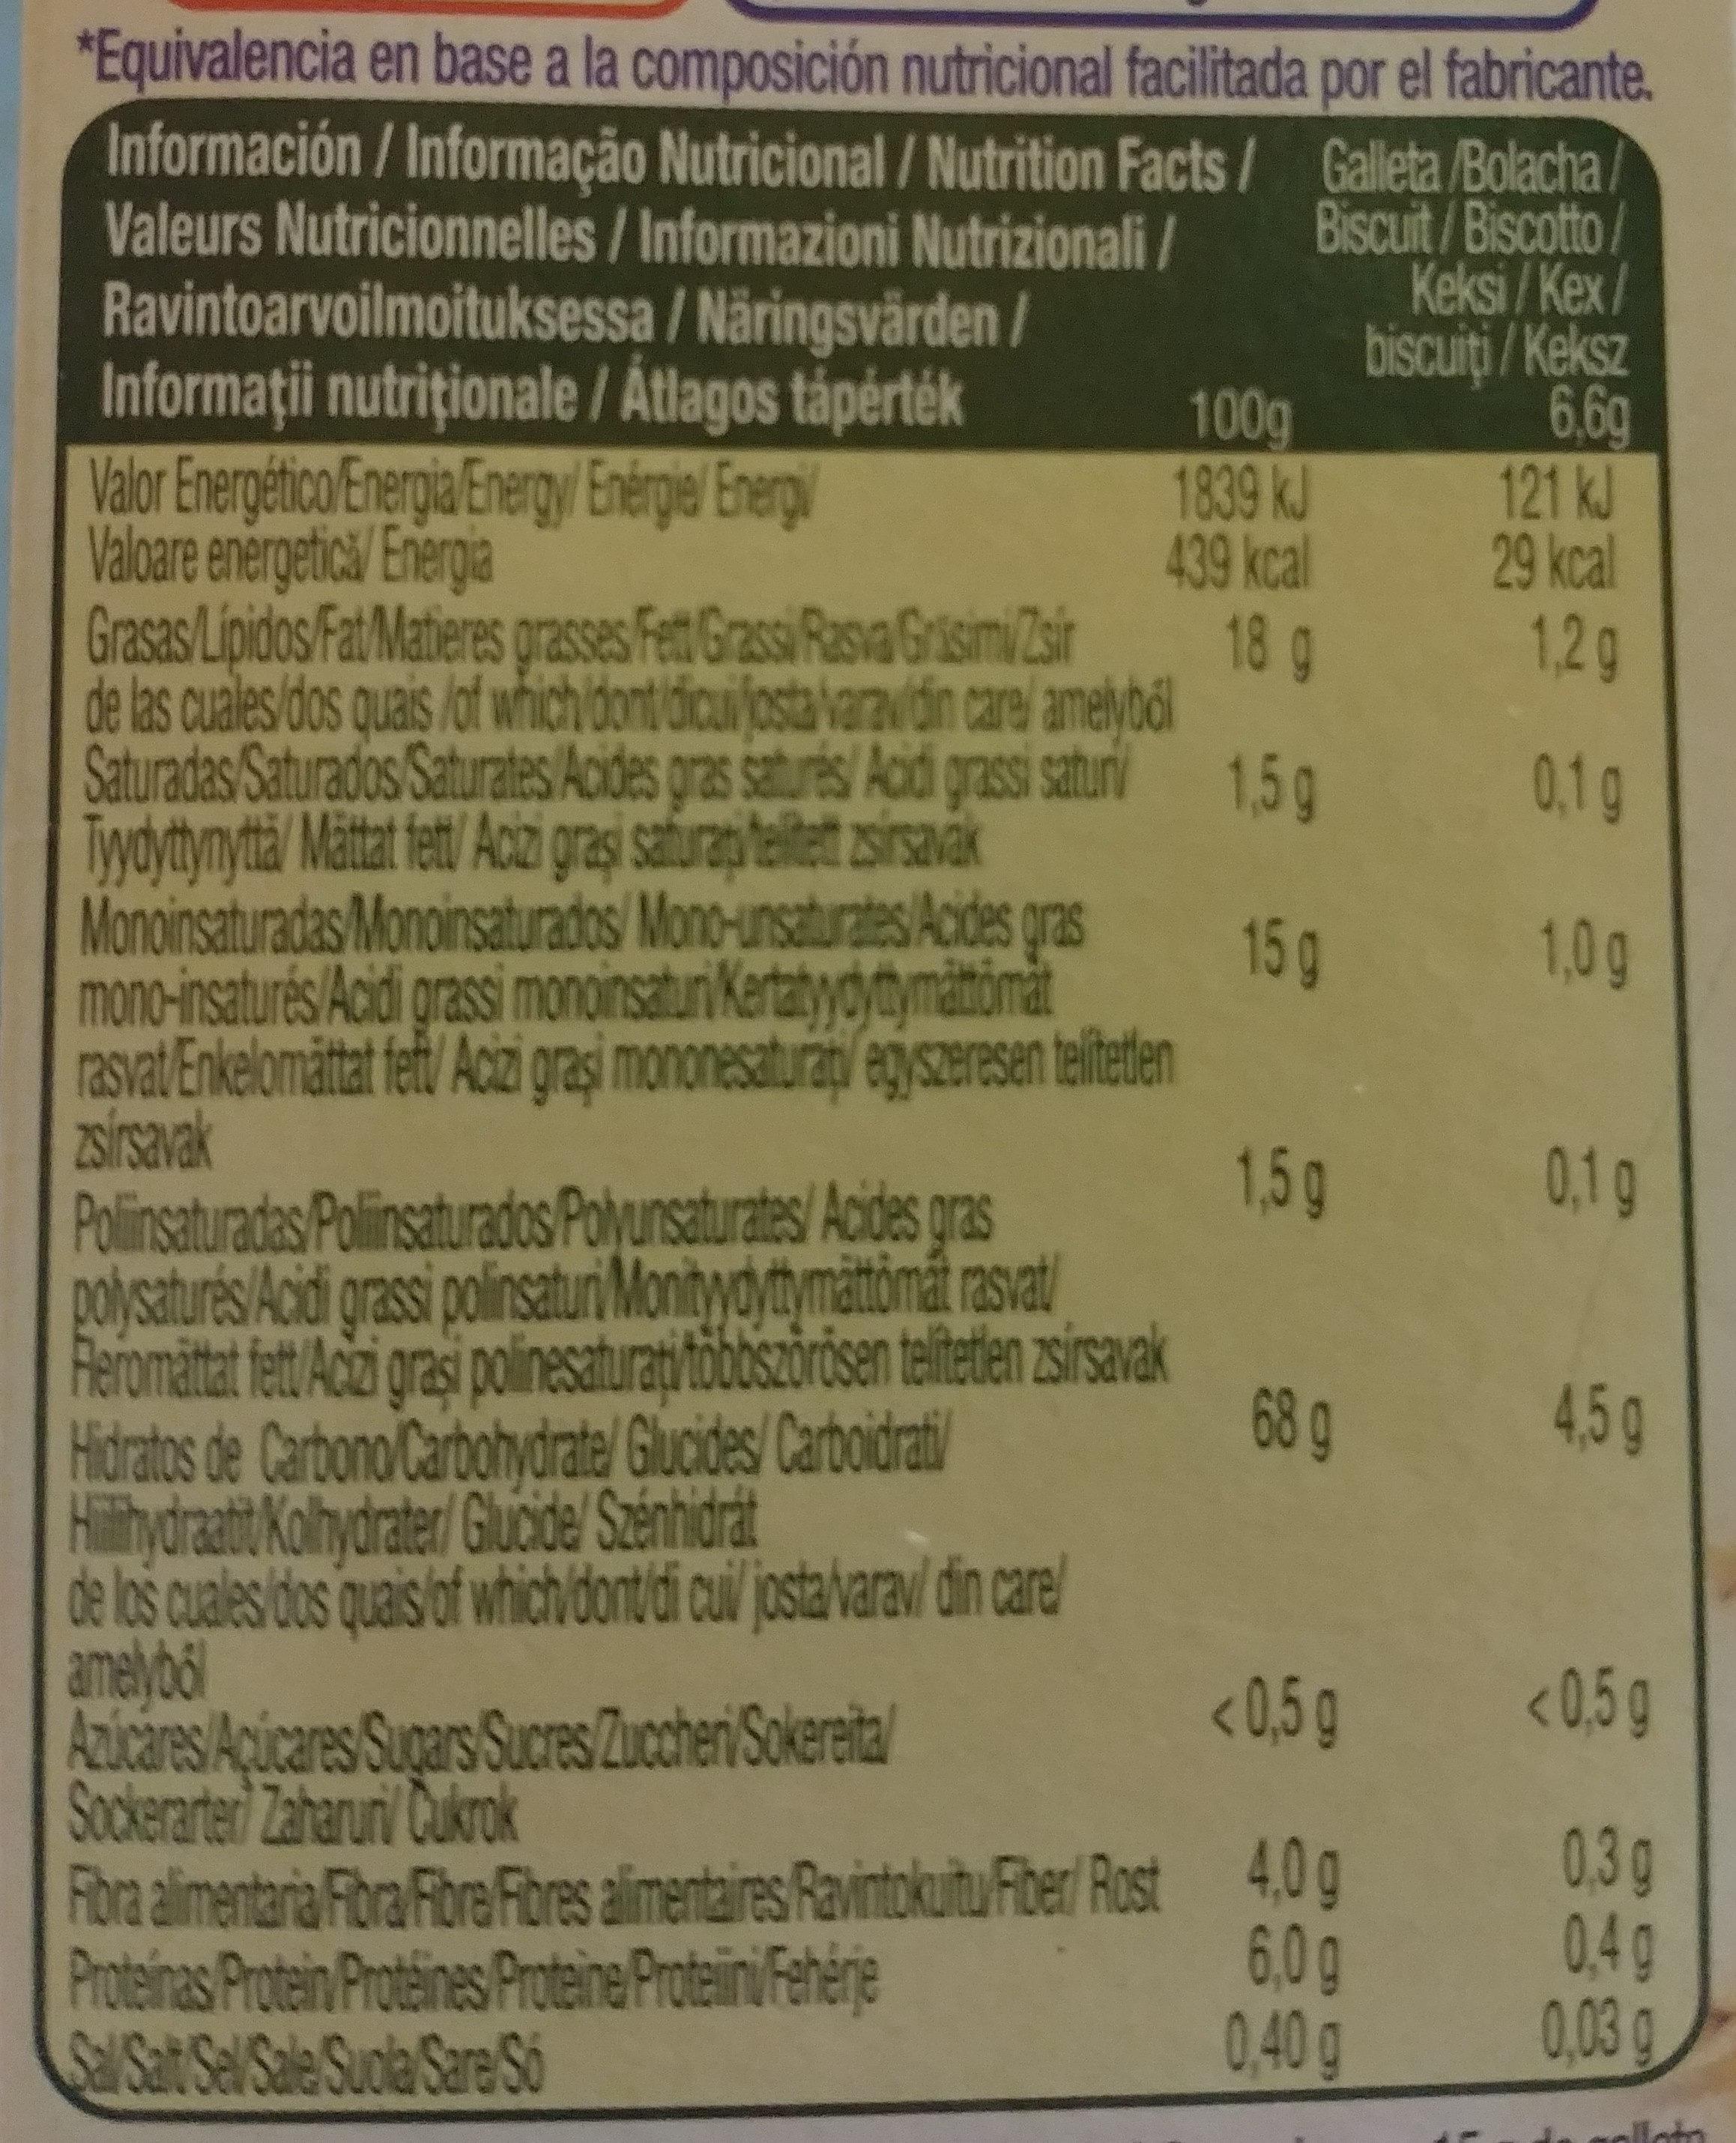 Diet Nature doradas al horno sin azúcares - Nutrition facts - fr